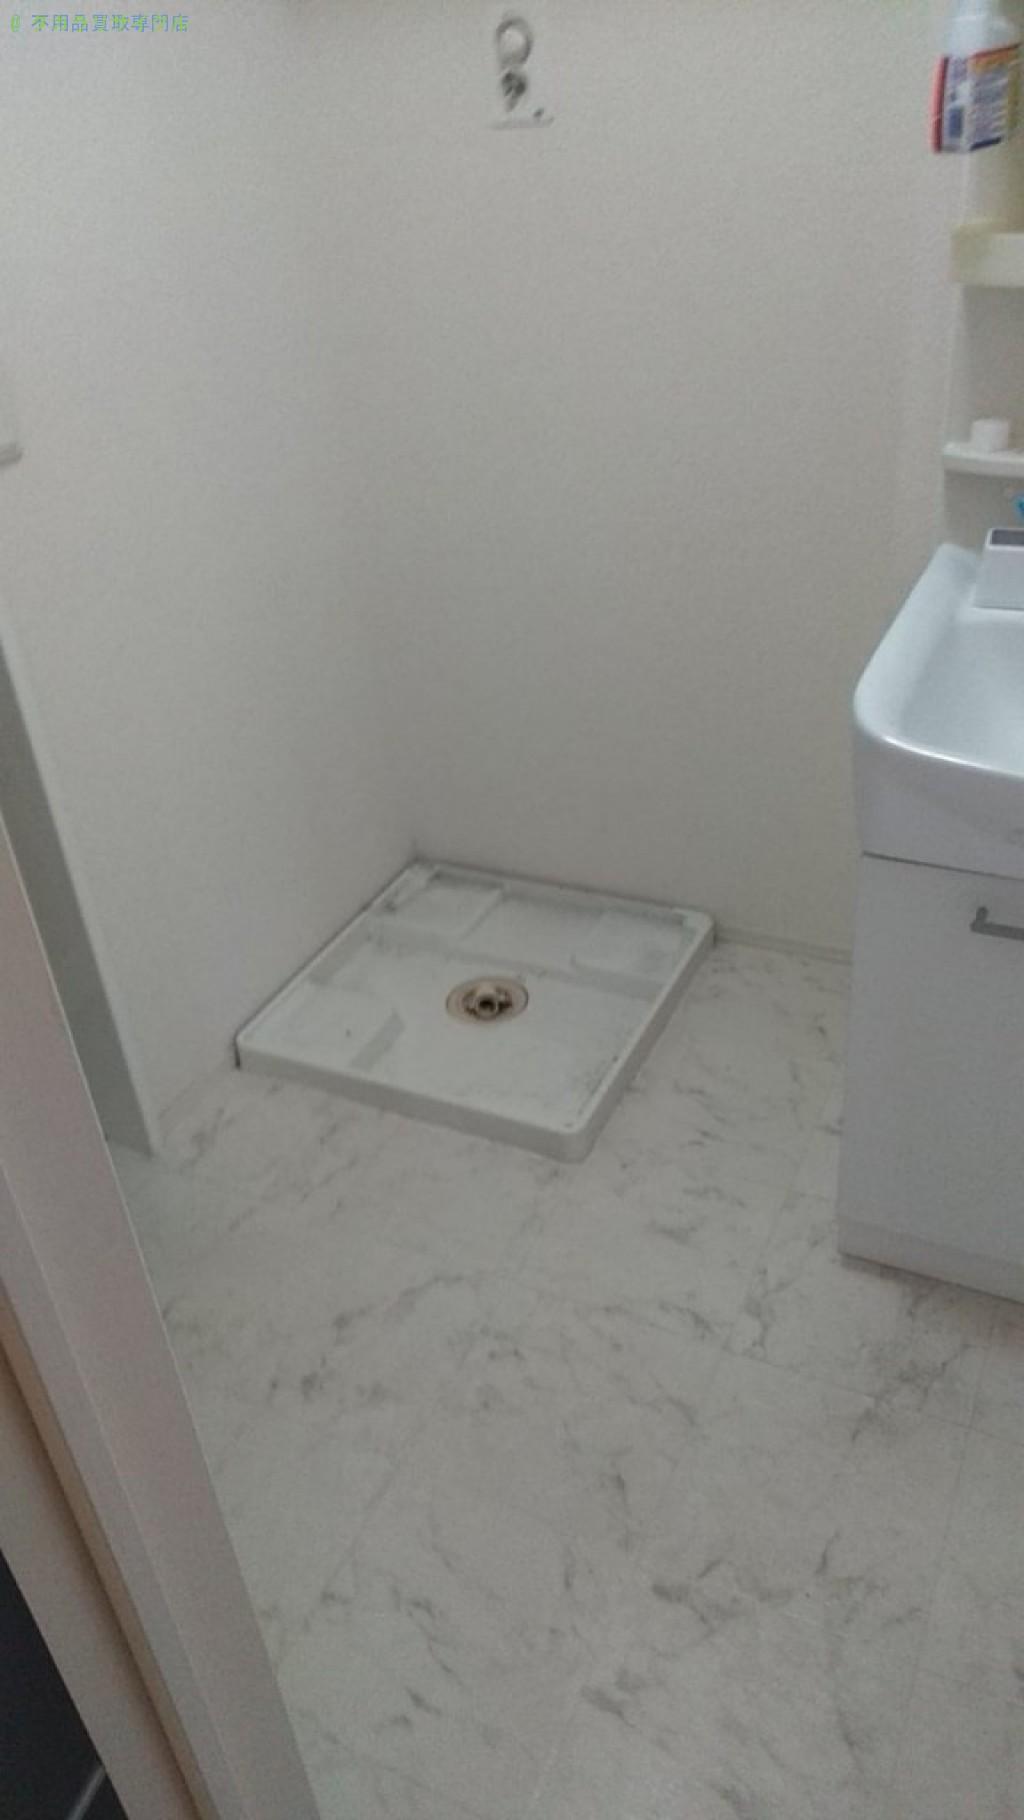 【伊予市下吾川】電子レンジ・レンジ台・洗濯機の回収のご依頼者さま